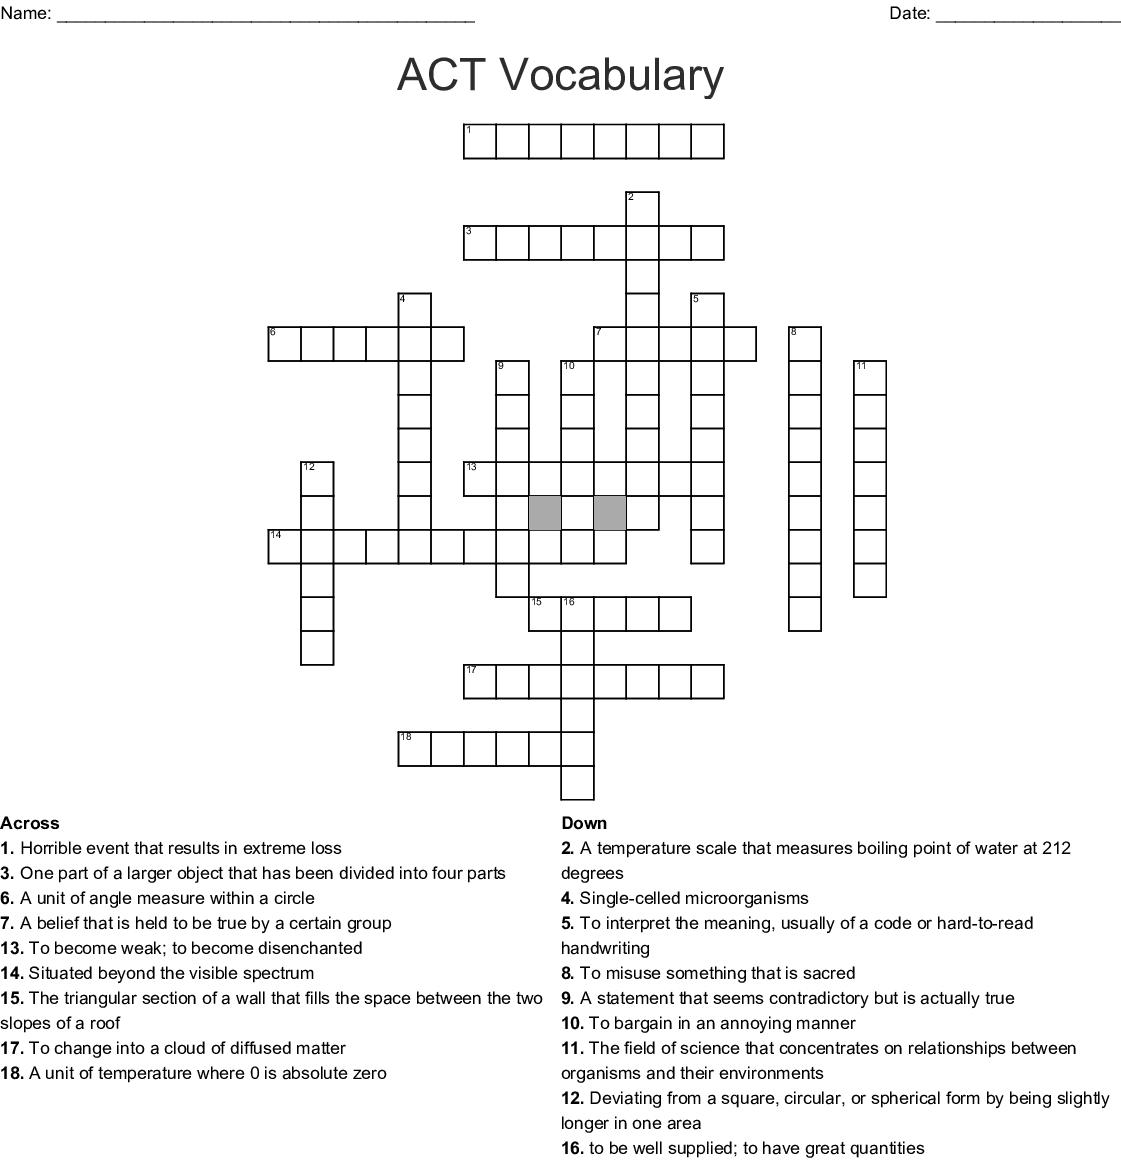 Act Vocabulary Crossword